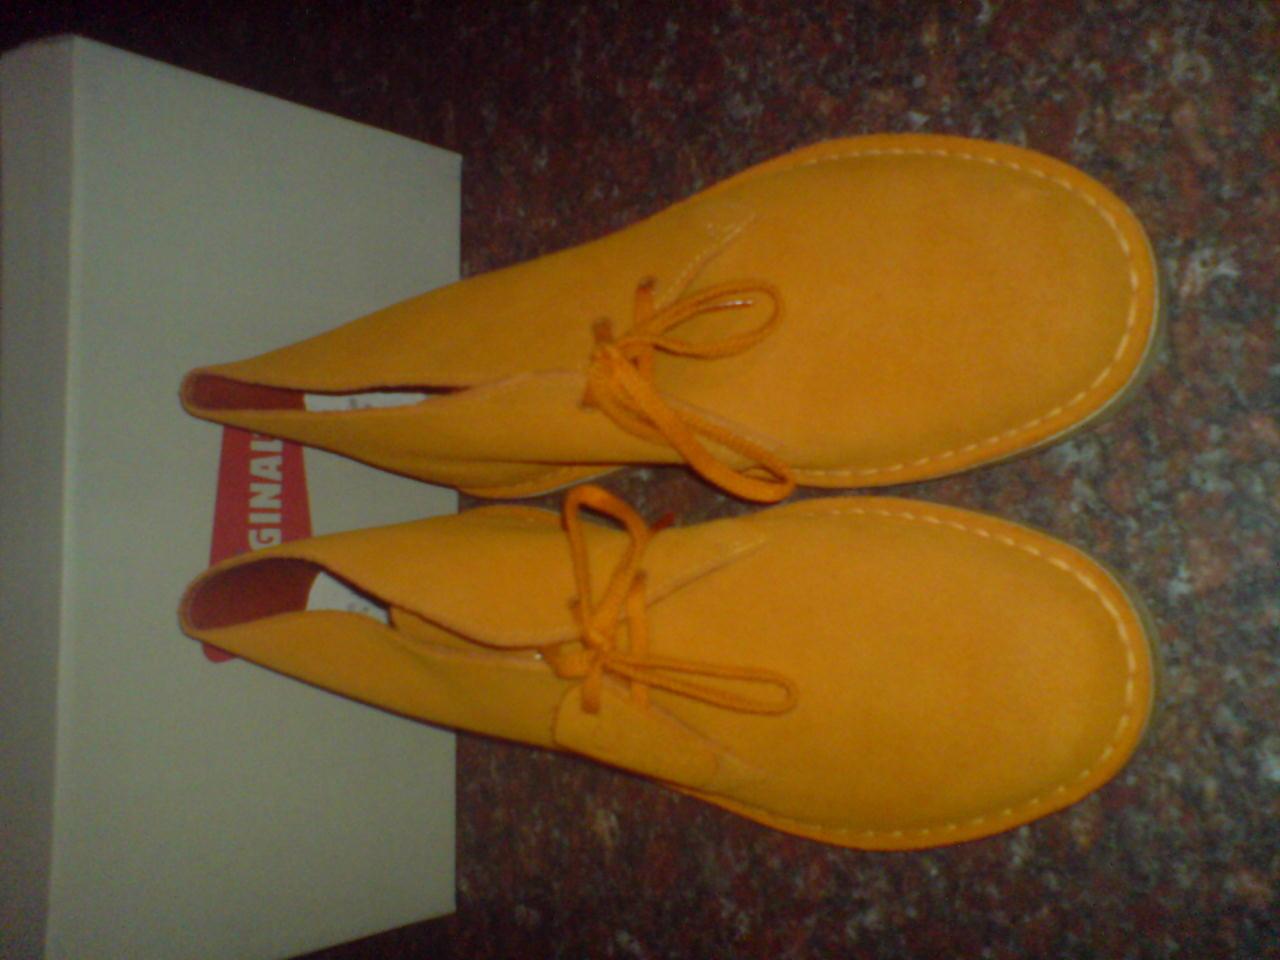 Clarks Originals Uomini *** Desert ** Boots ** Arancione CAMOSCIO ** Desert F e2cb7e